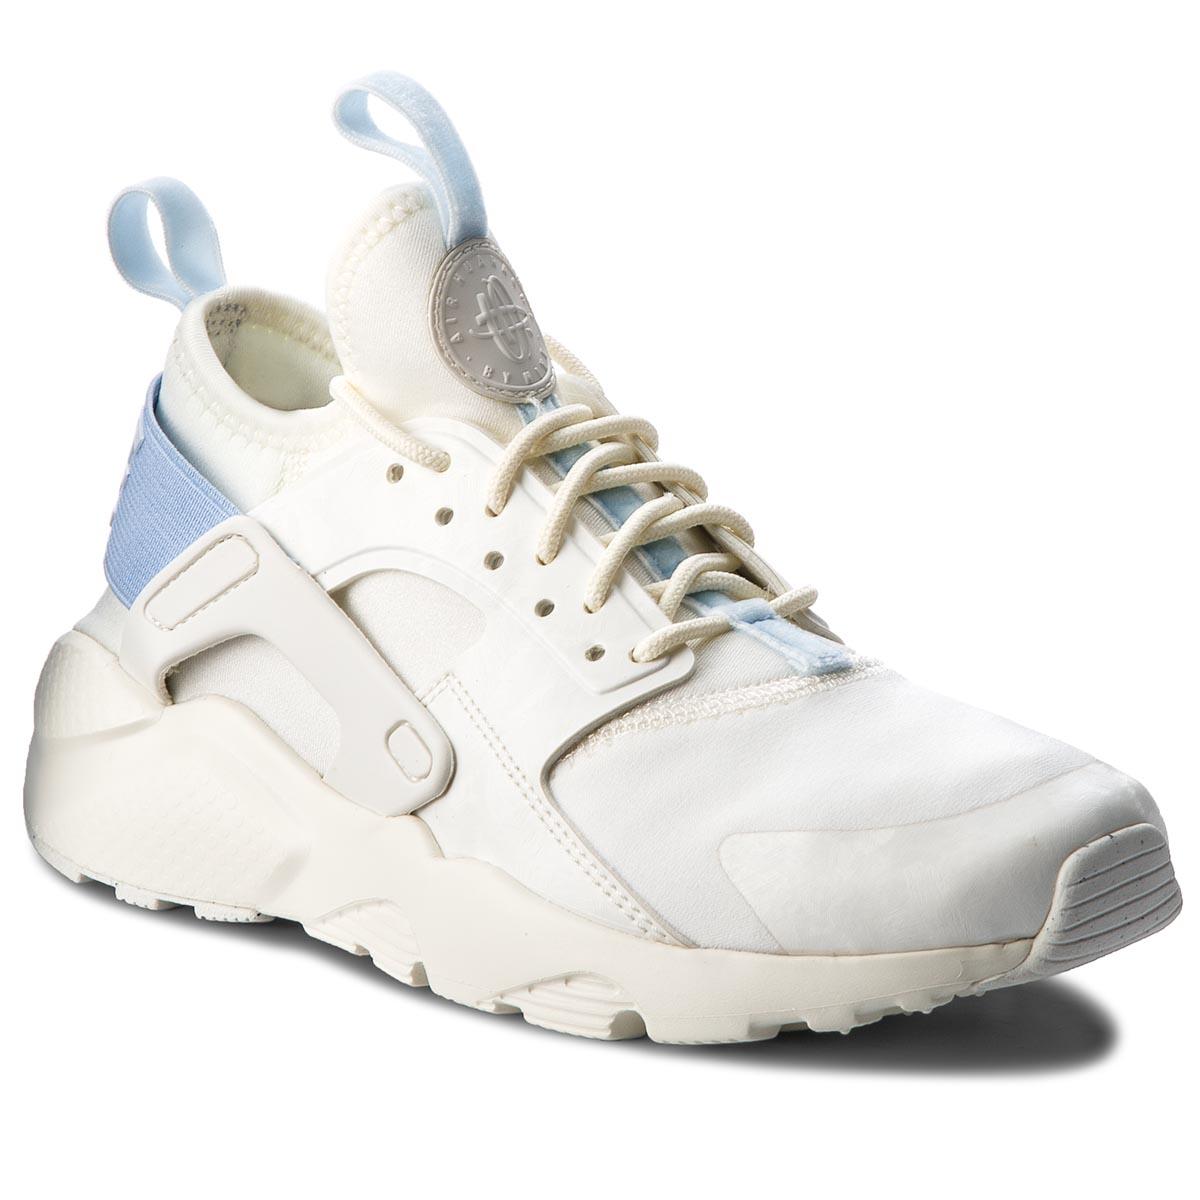 big sale d5d5d 72d0a Shoes NIKE Air Huarache Run Ultra (GS) 847568 103 Sail Royal Tint